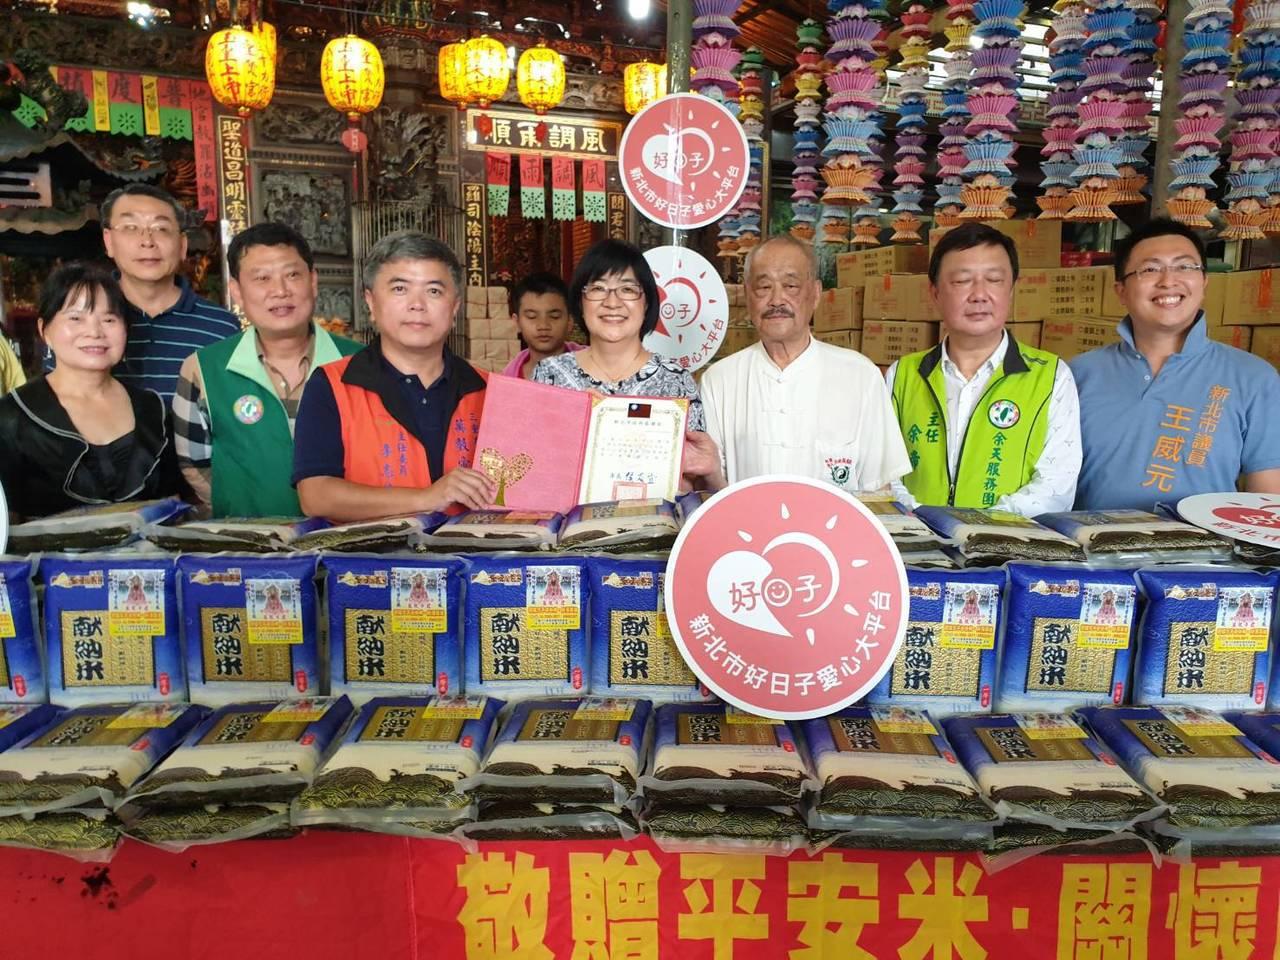 新北三重力行聖賢宮、雲林同鄉會捐平安米給弱勢家庭。圖/新北社會局提供